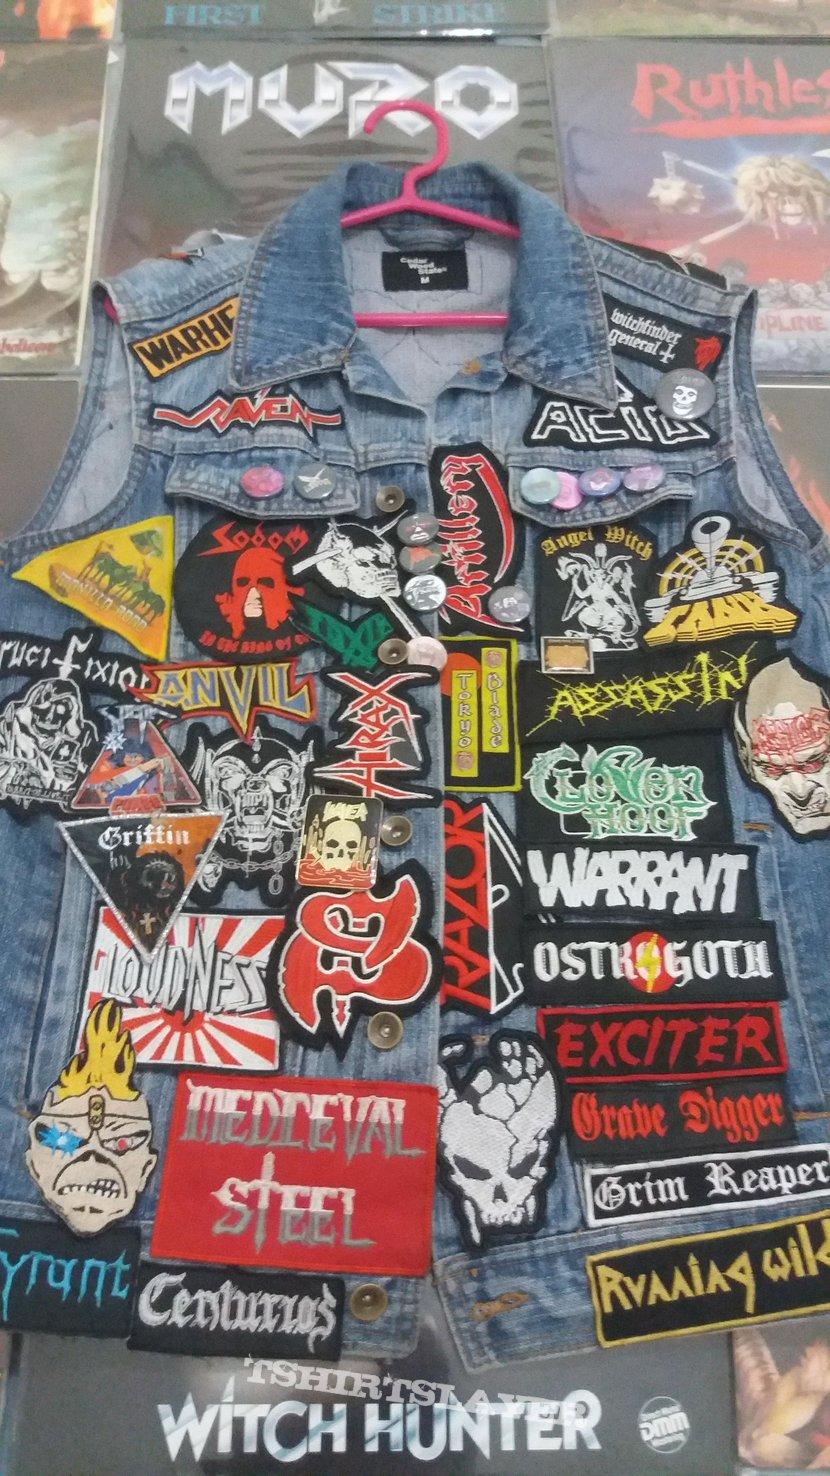 Heavy Metal Thunder BJ